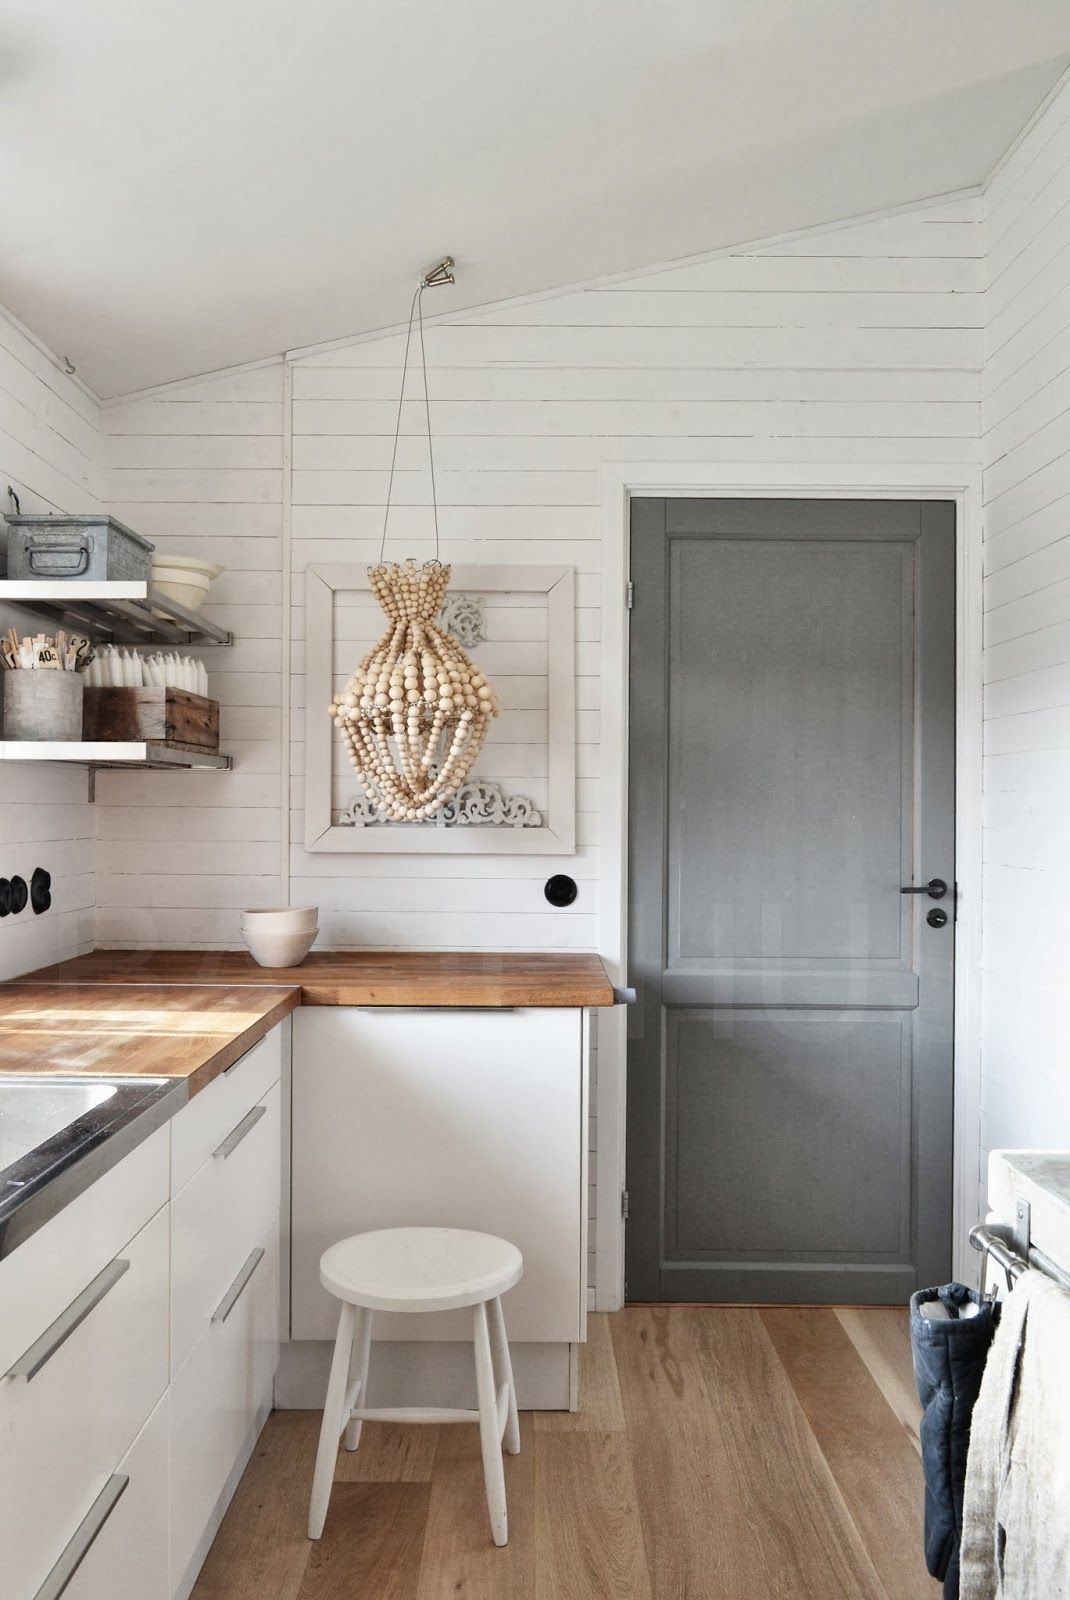 petite cuisine avec meubles blancs laqu s et plan de travail en bois cuisine pinterest. Black Bedroom Furniture Sets. Home Design Ideas